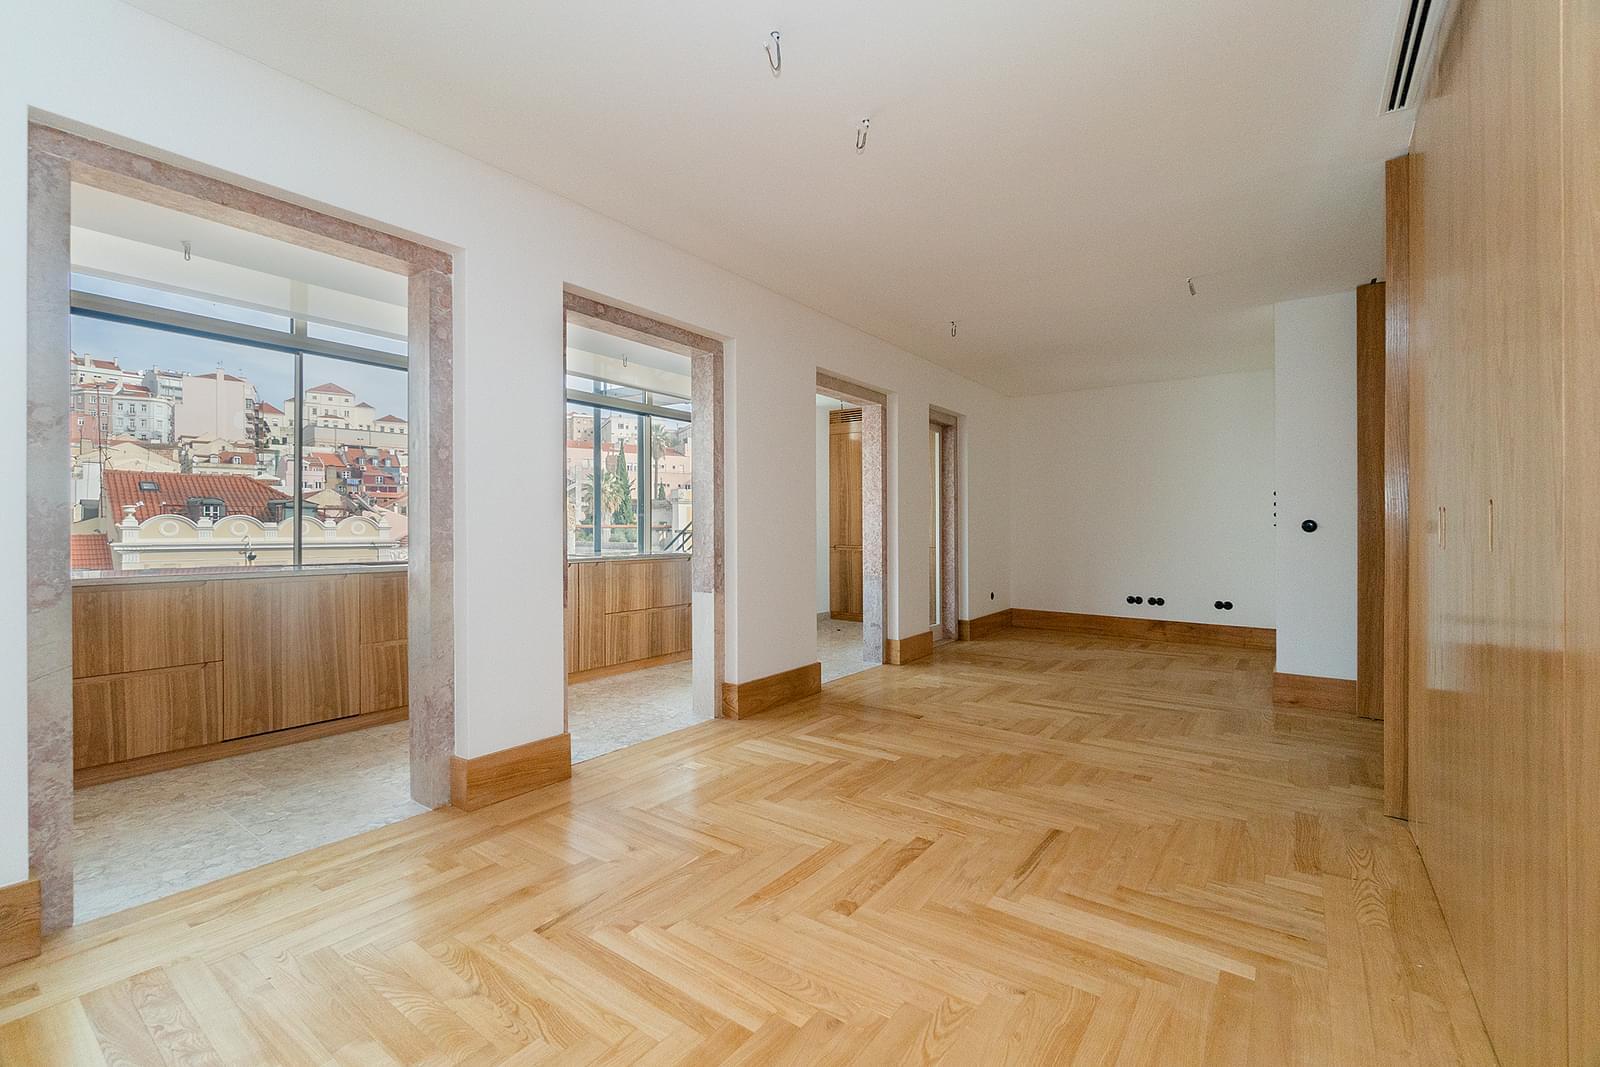 pf18665-apartamento-t3-2-lisboa-eee15a8f-184b-43bc-a148-1c4e3878232d